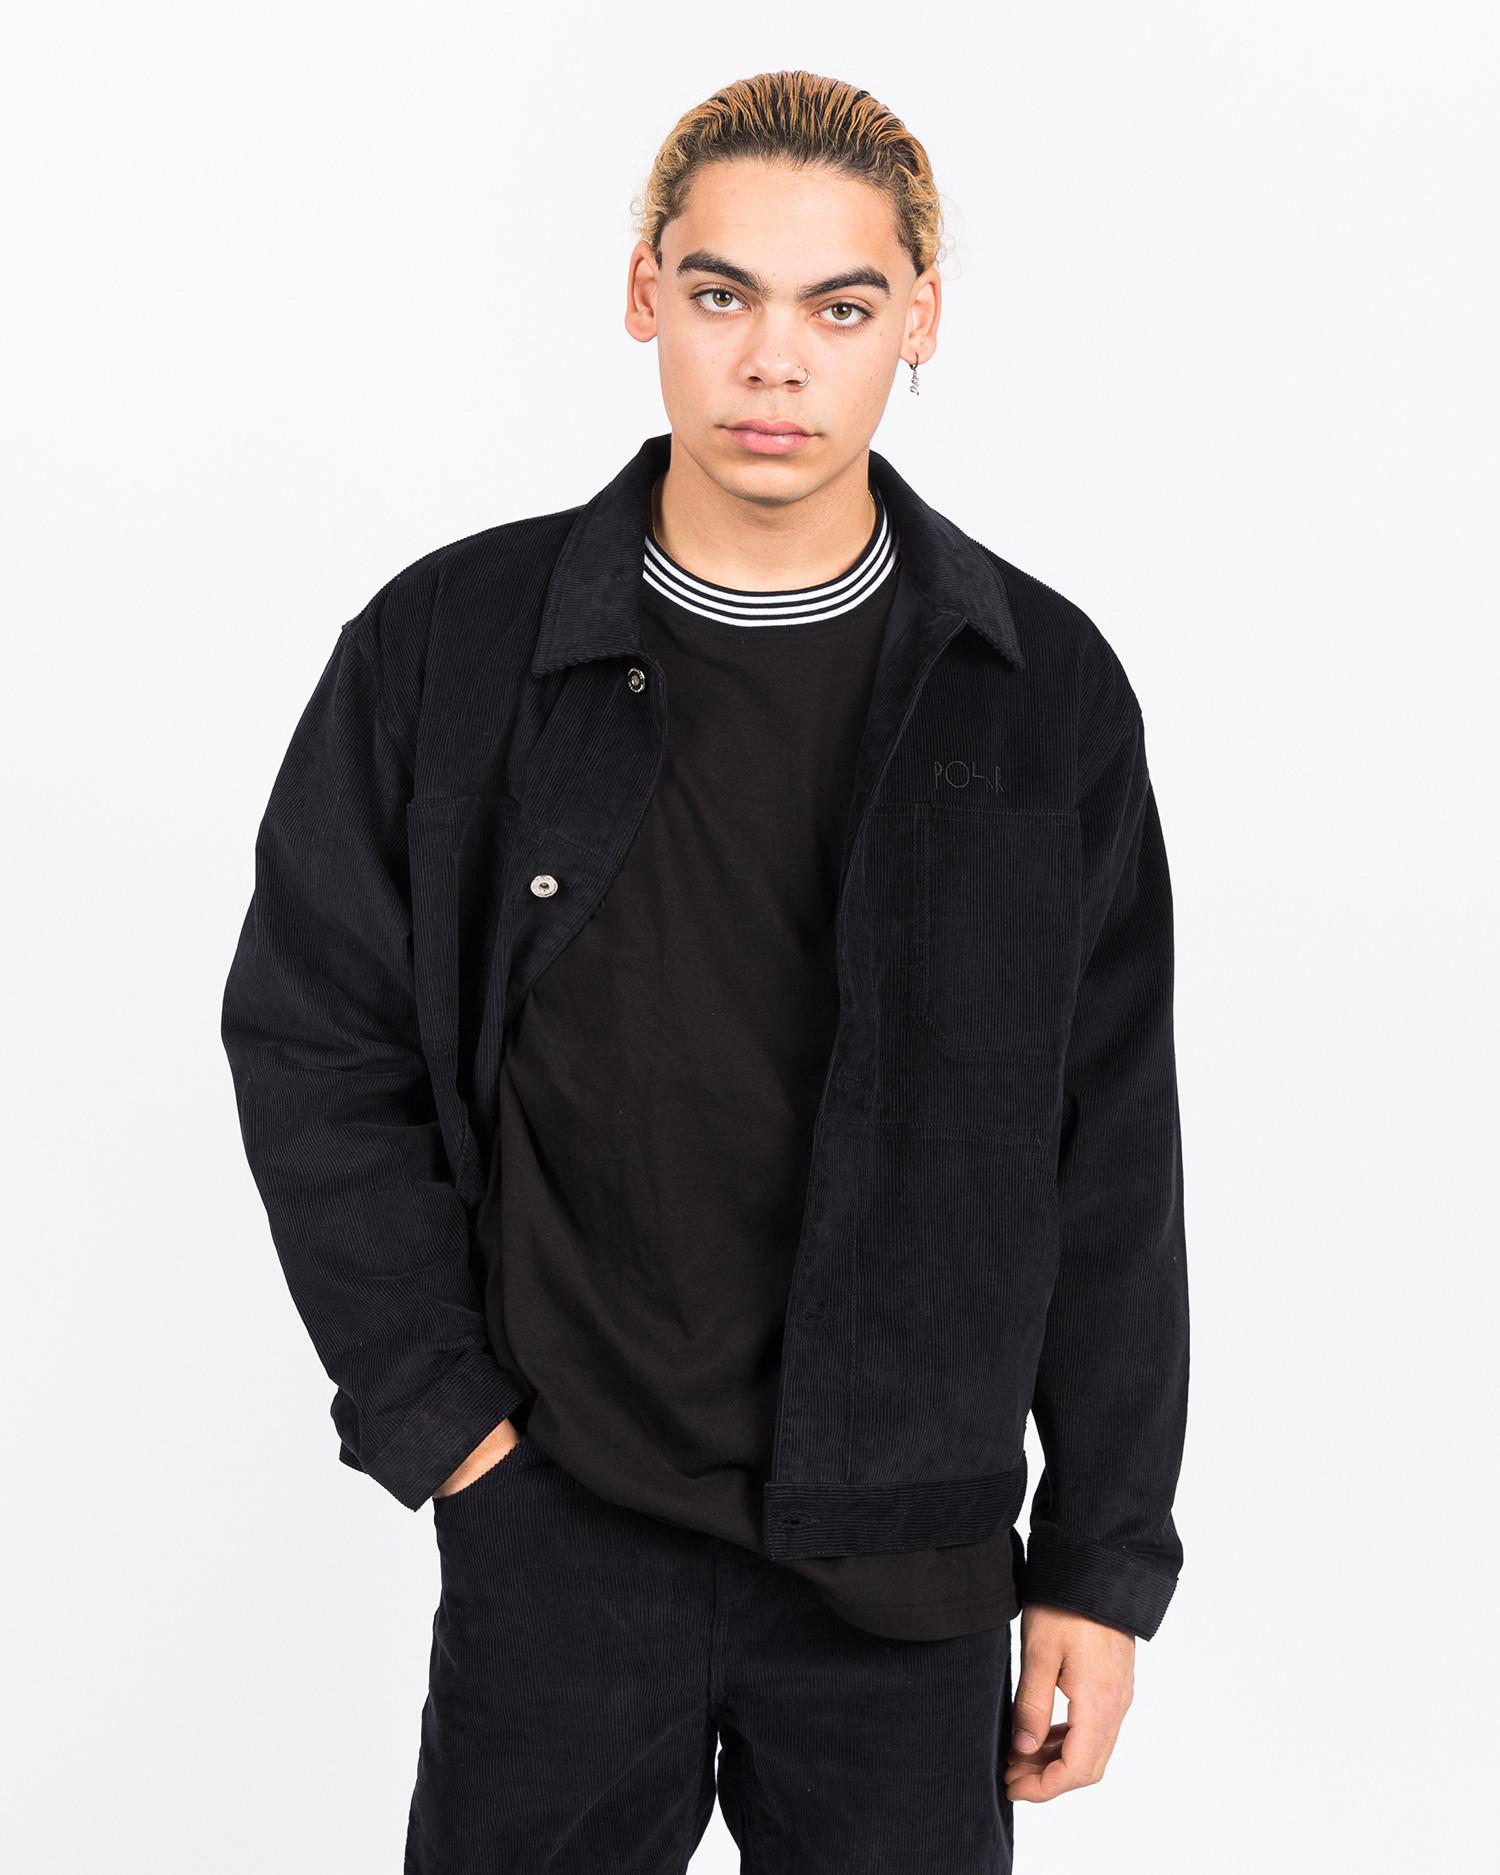 Polar Cord Jacket Black